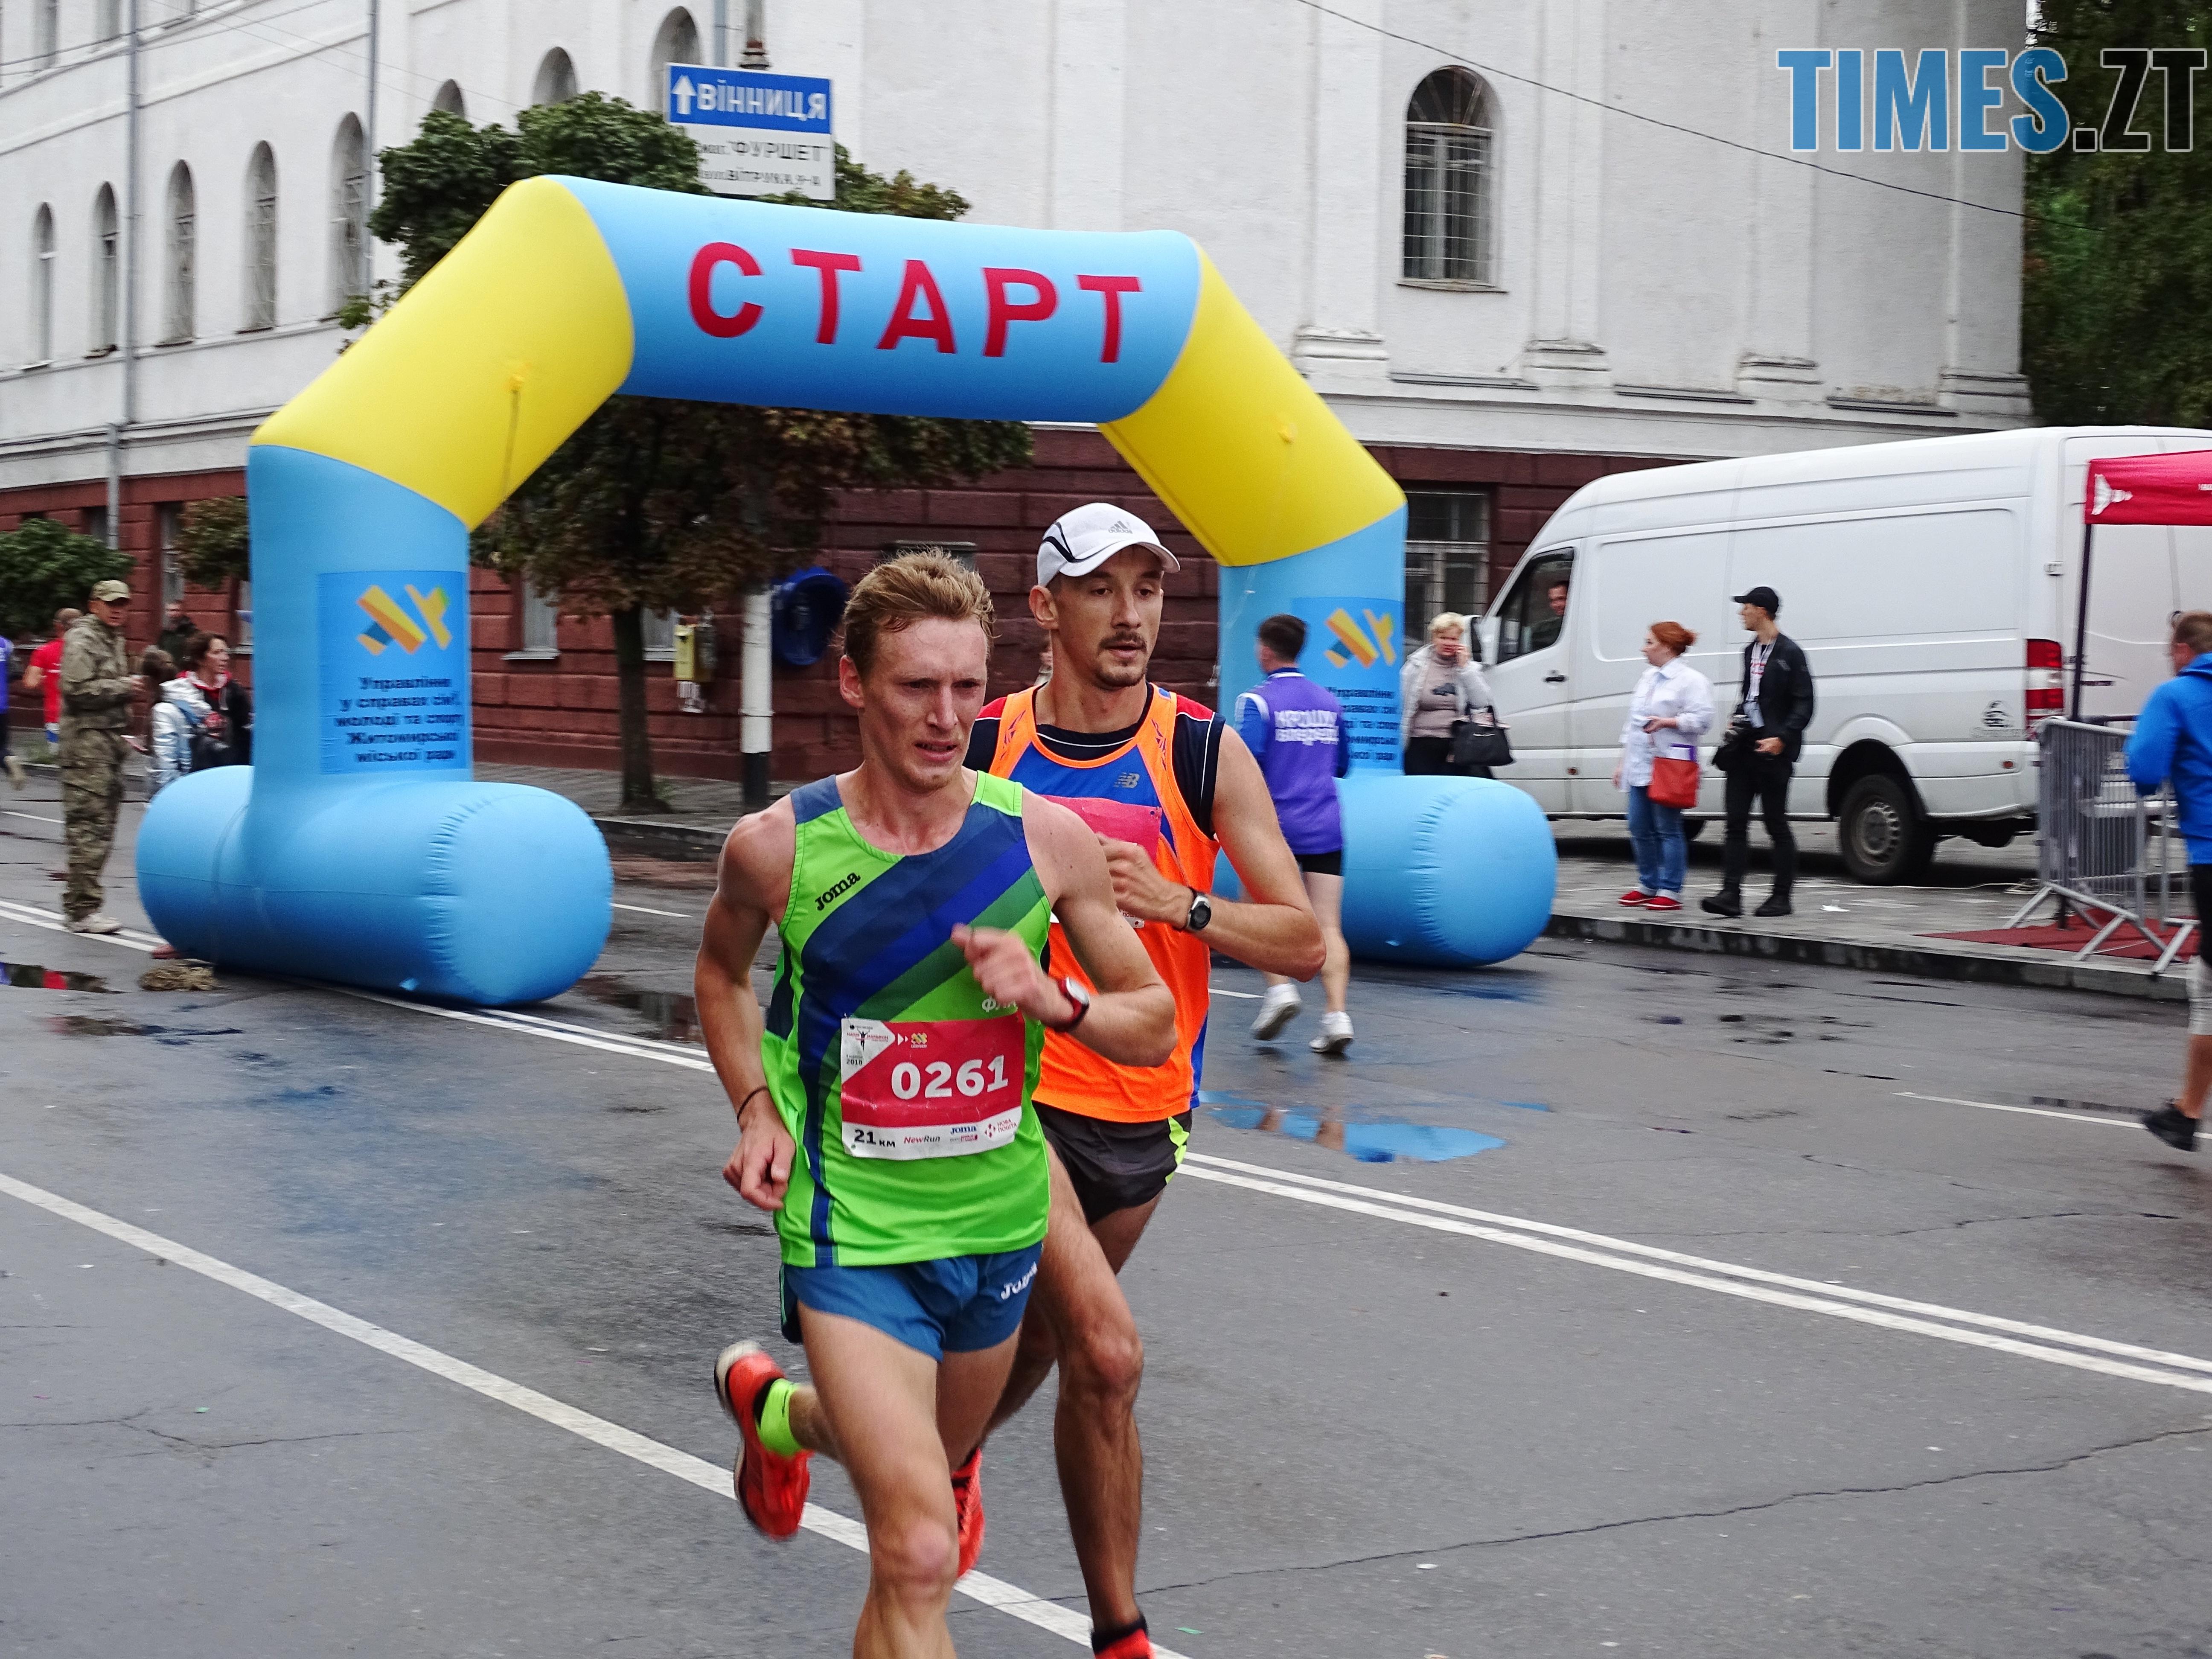 салатовому переможець на 21 км - У Житомирі втретє відбувся Космічний напівмарафон: враження та фото учасників забігів (ВІДЕО)